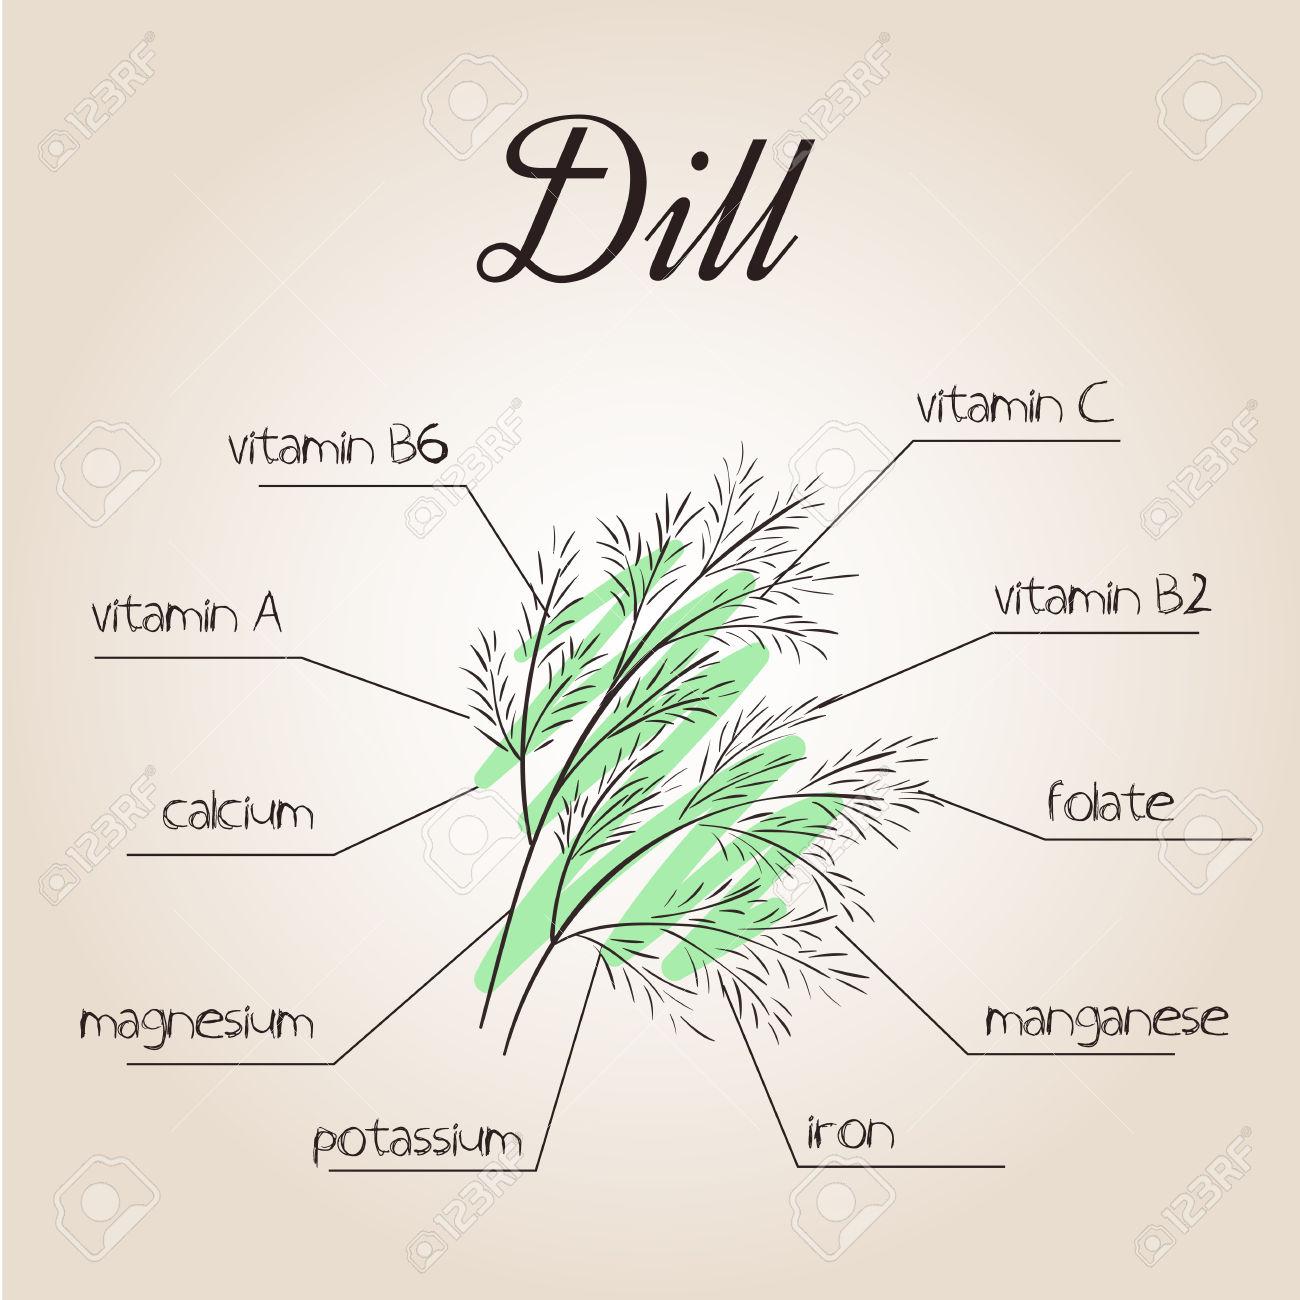 Illustrazione Vettoriale Di Lista Nutrienti Per Aneto. Clipart.